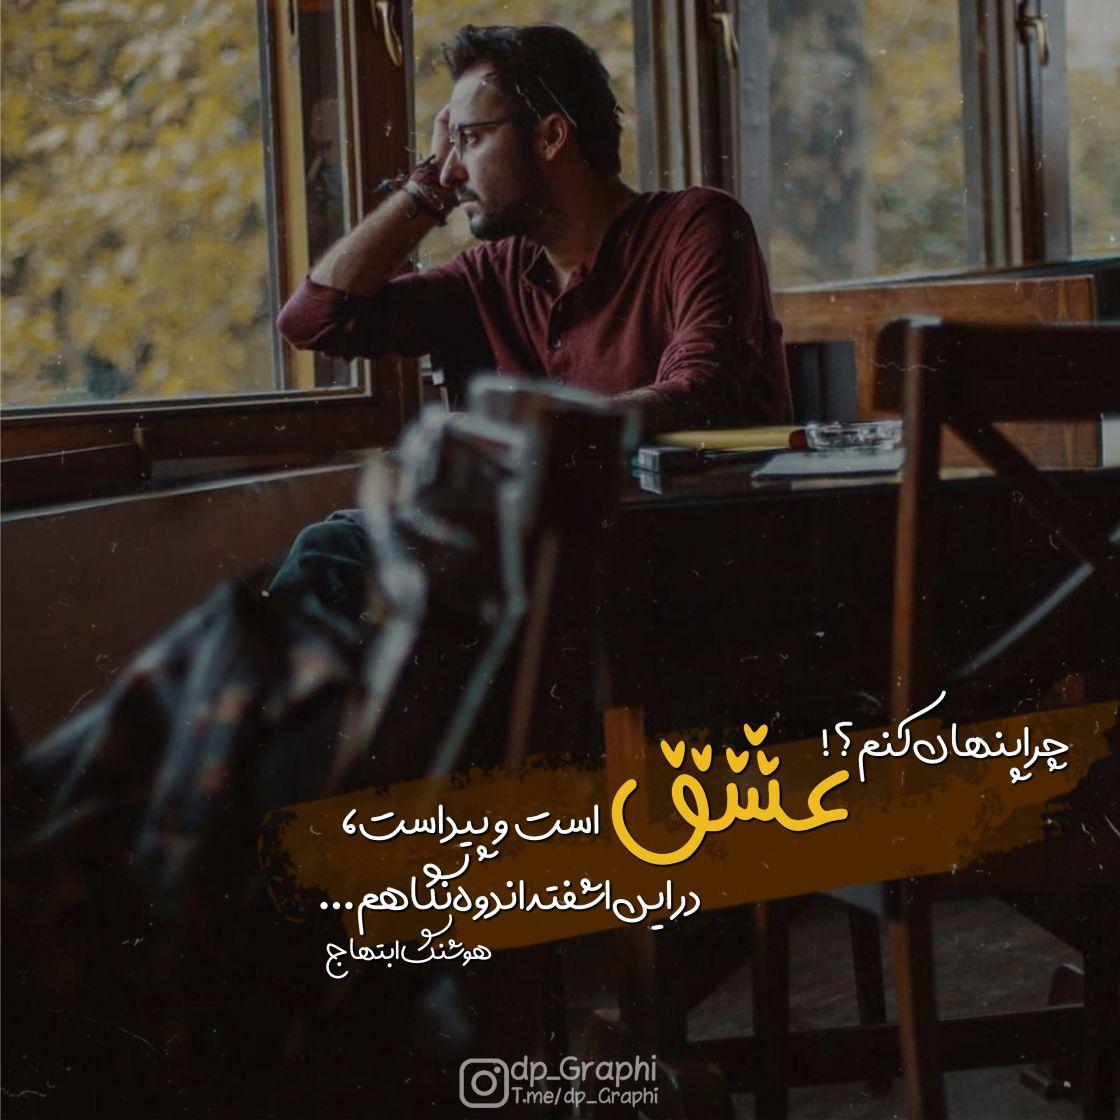 فونت فارسی دلبر 2 و یک عکسنوشته زیبا